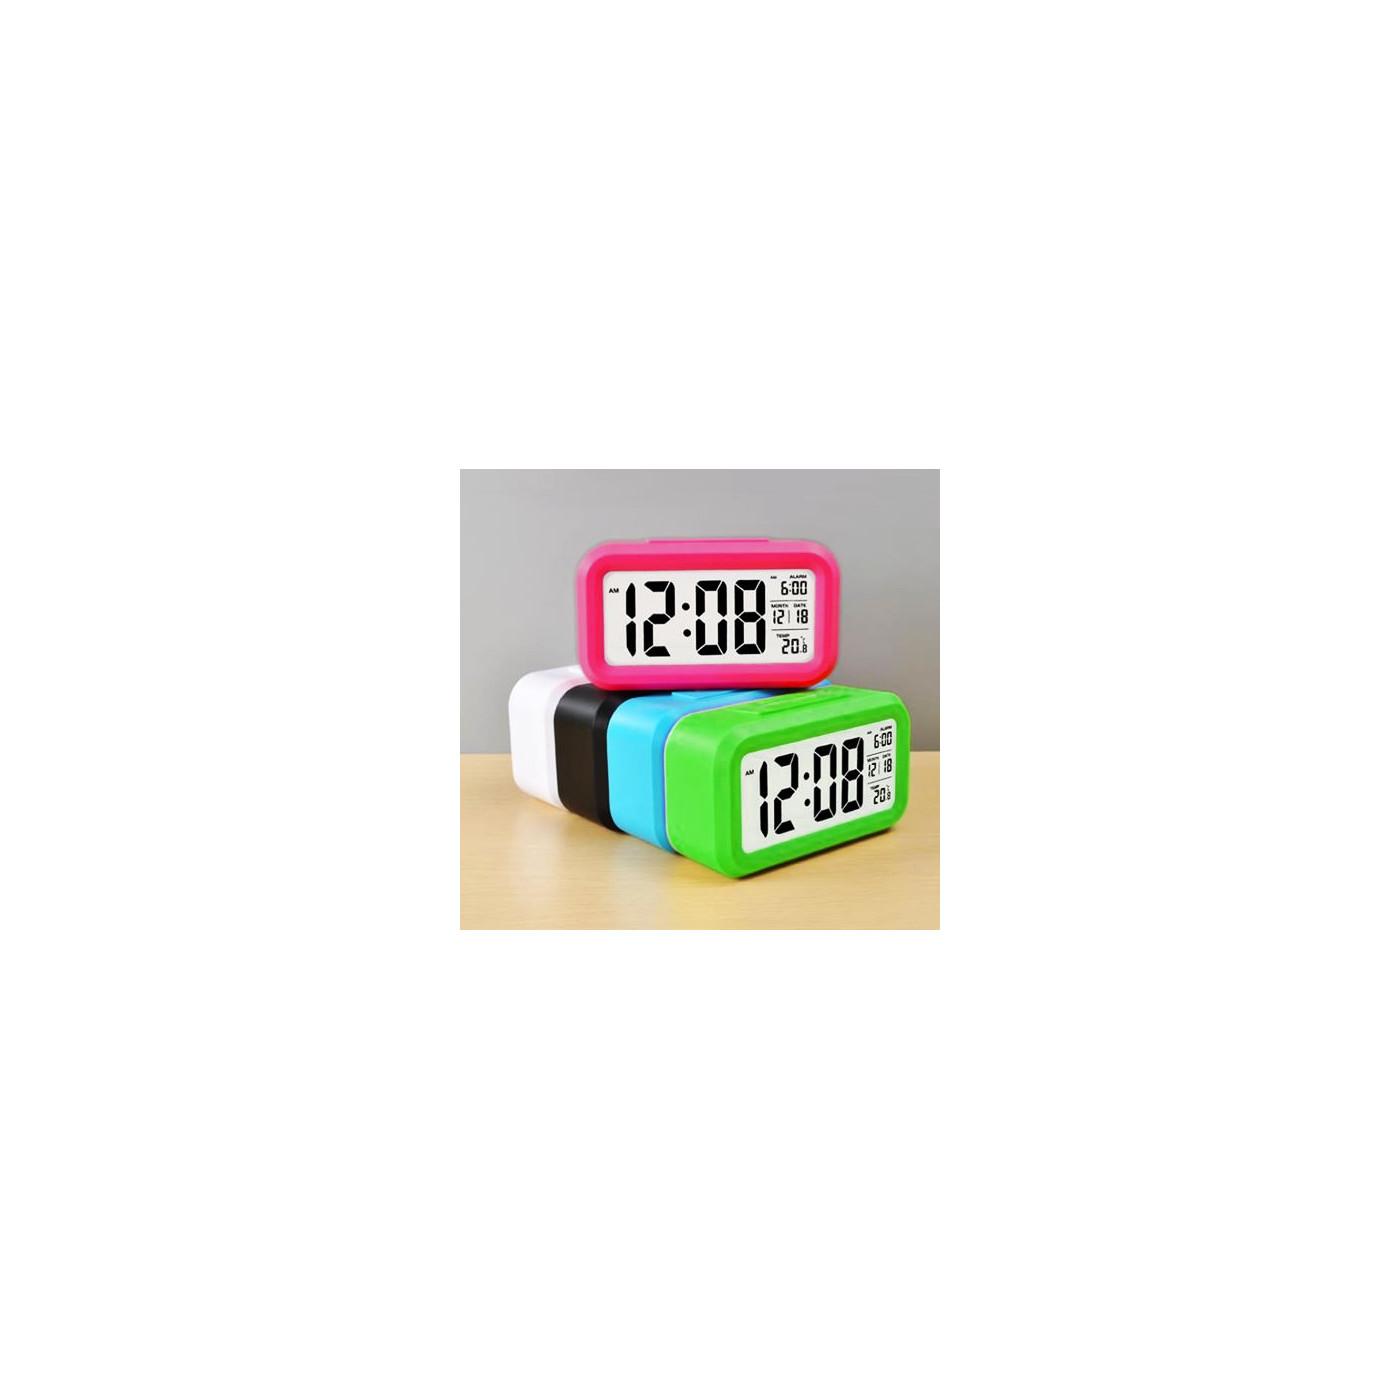 Horloge avec alarme dans une couleur joyeuse: bleu